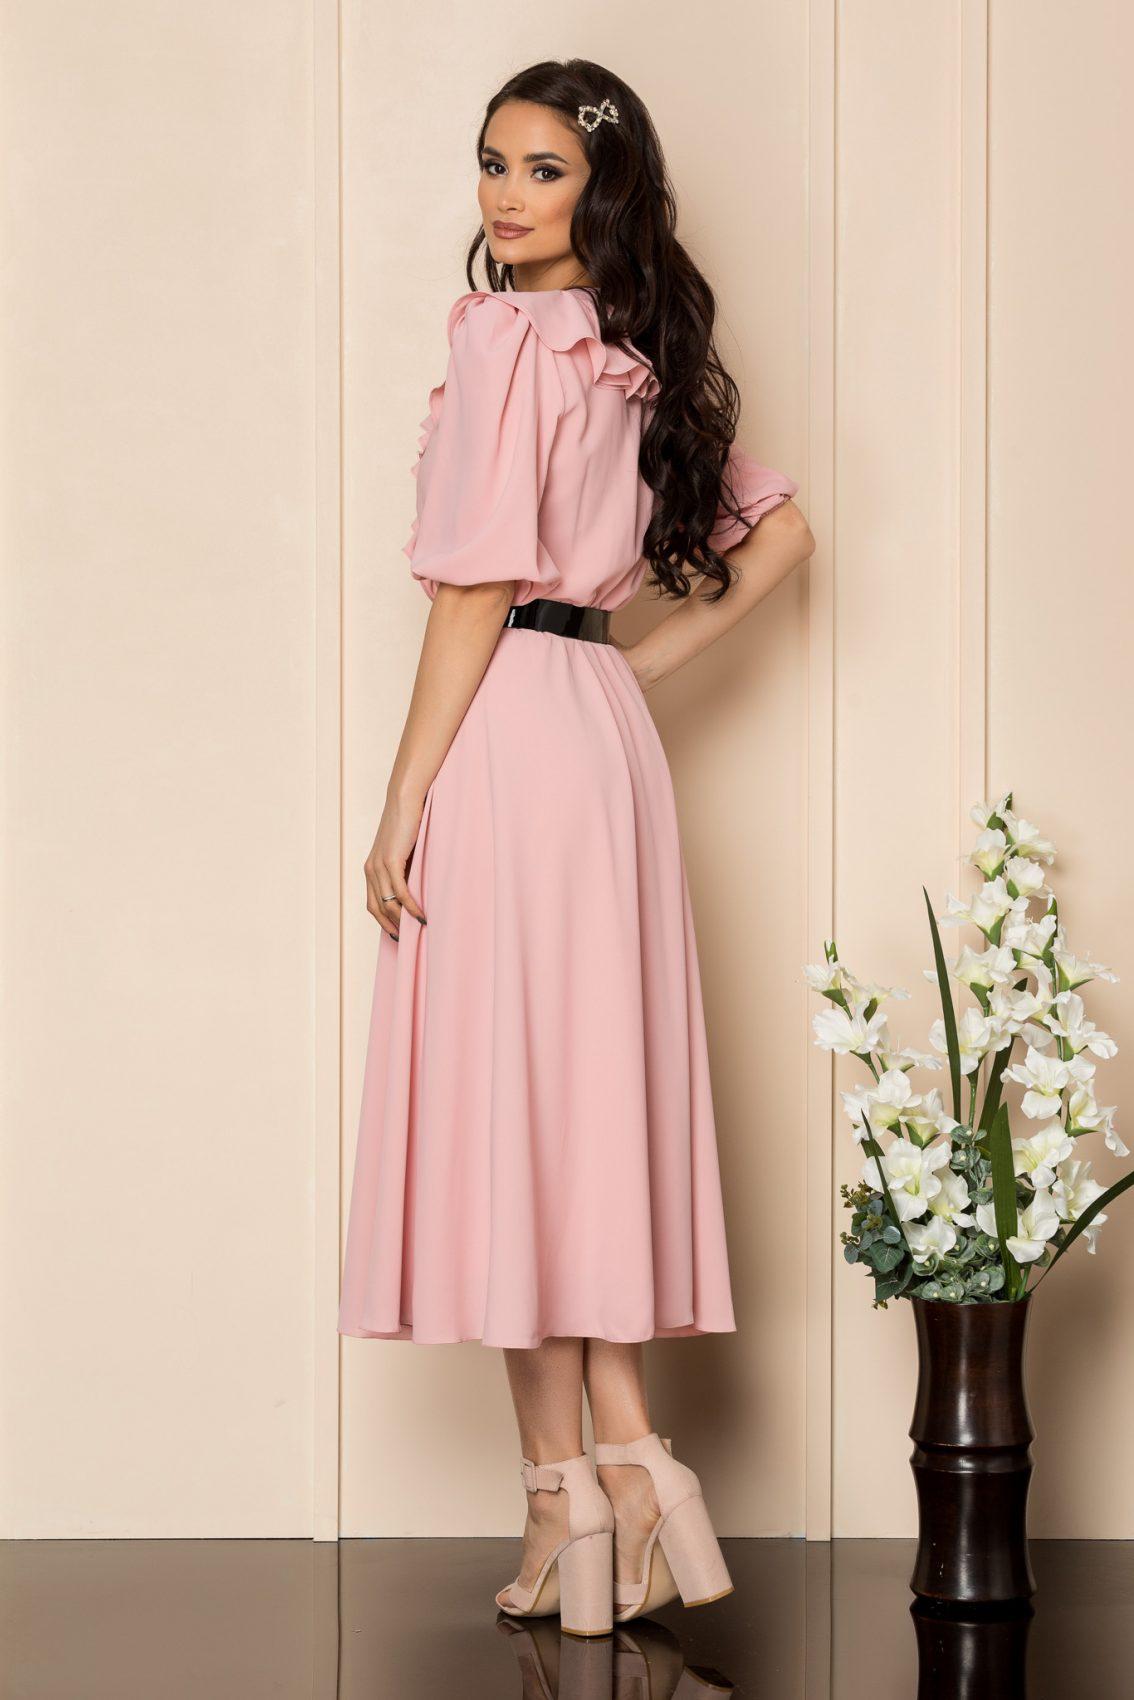 Ροζ Μίντι Φόρεμα Με Βολάν Chabela A411 2